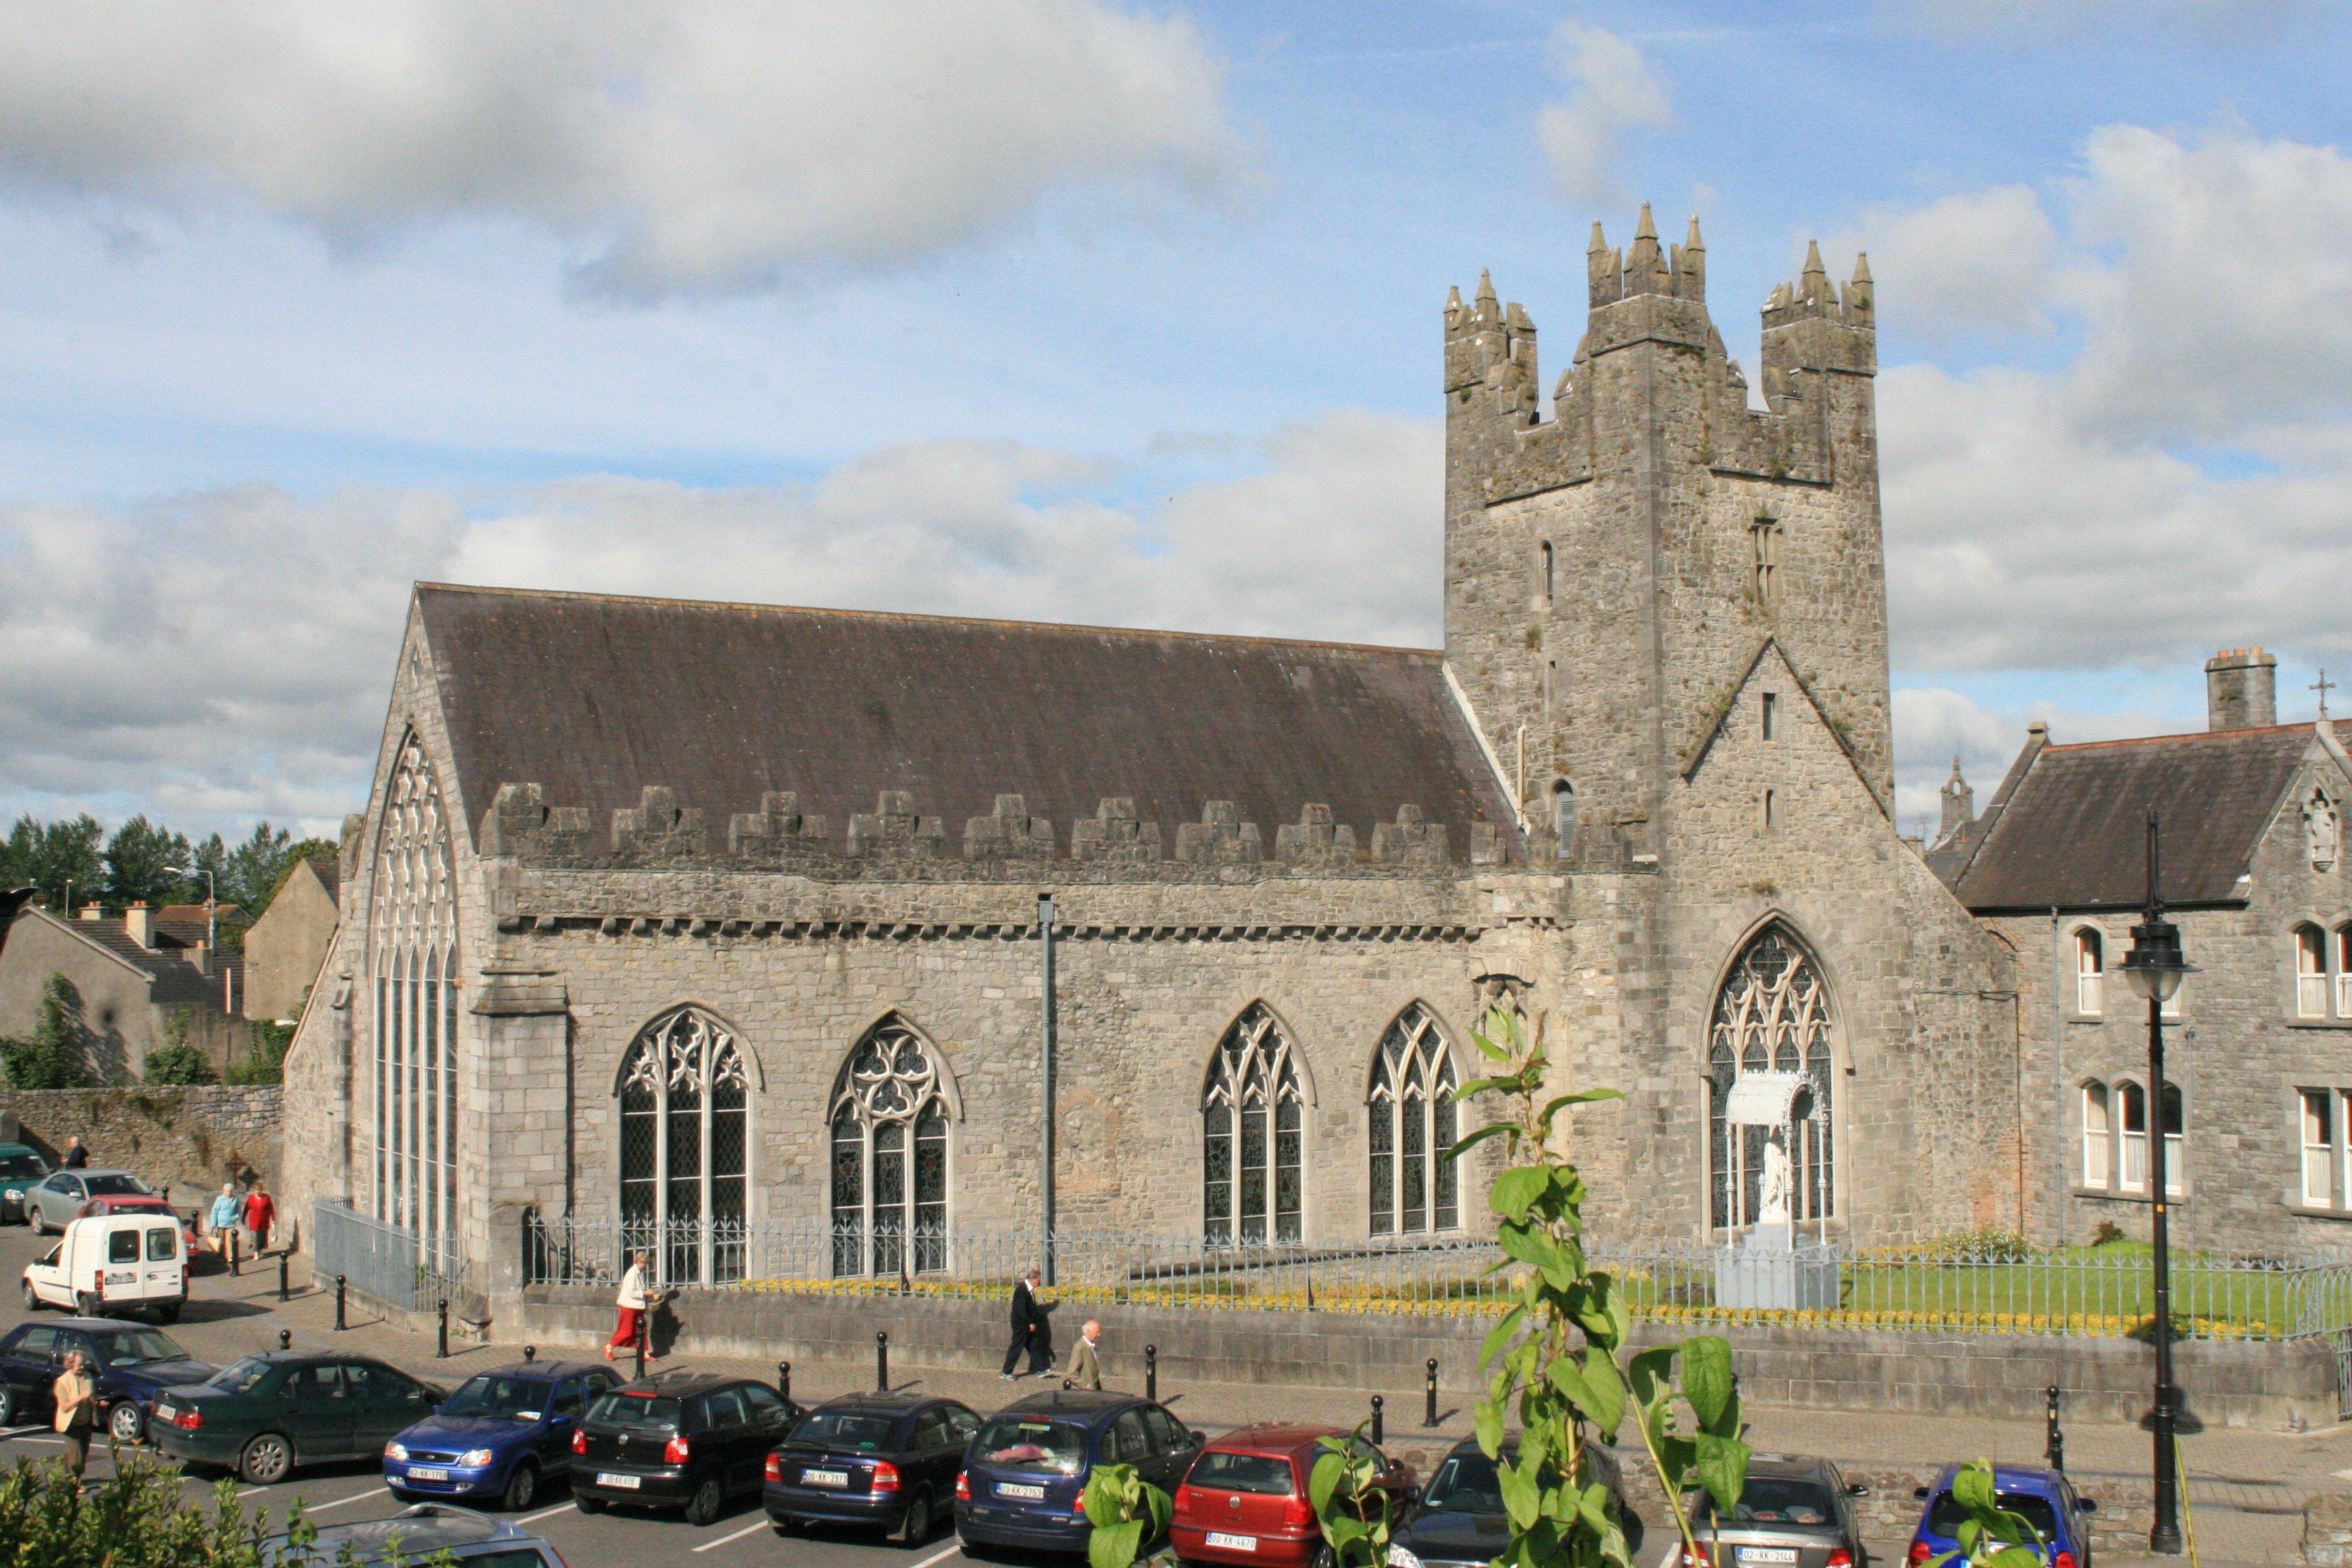 Kilkenny dating, Kilkenny personals, Kilkenny singles